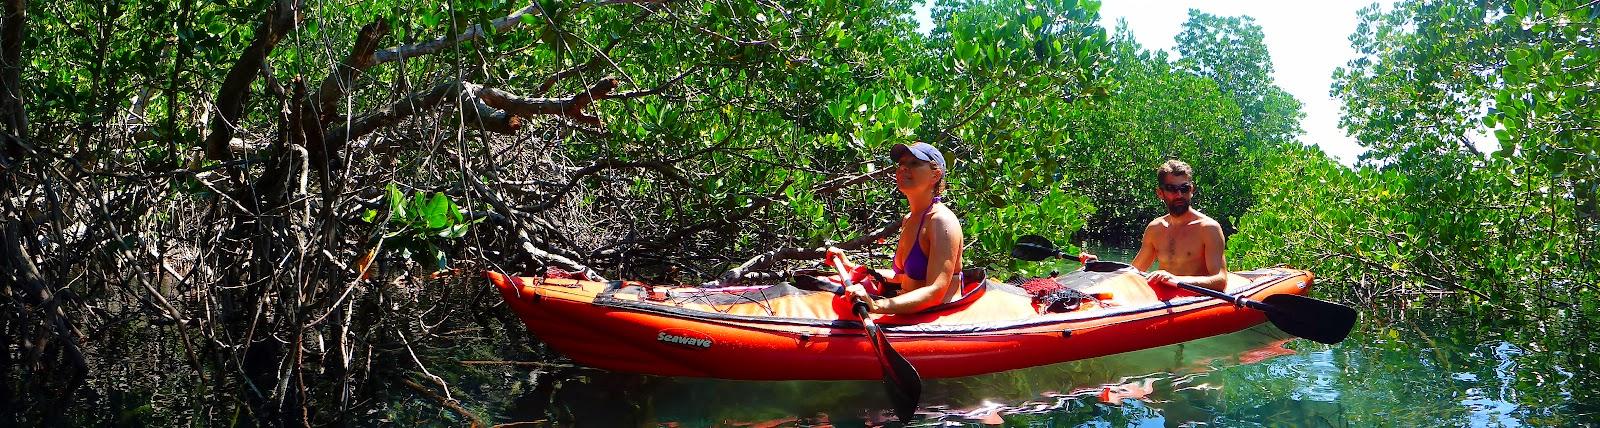 Croisière Kayak à bord de Zirbad à Komodo - www.piratesbaycroisiere.fr